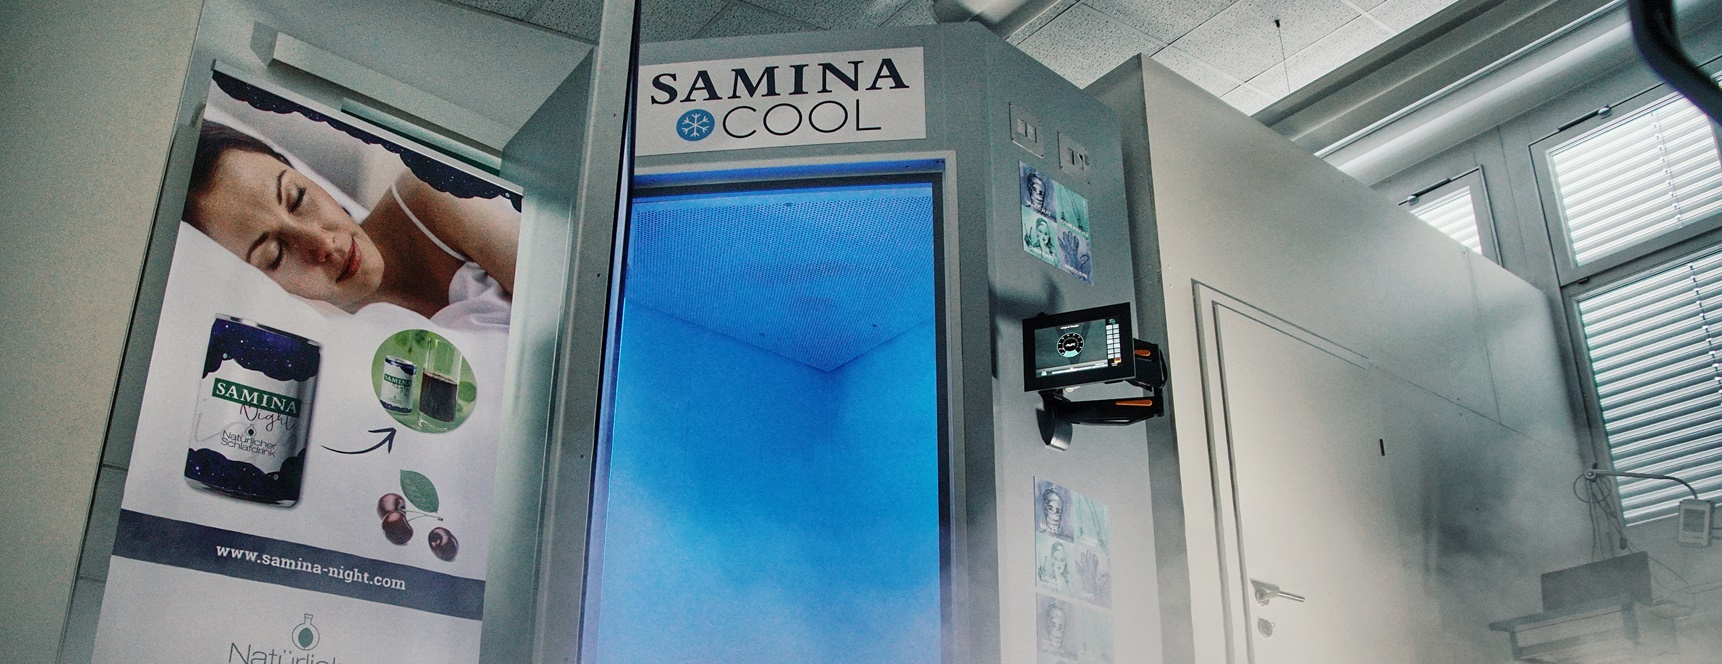 SAMINA COOL